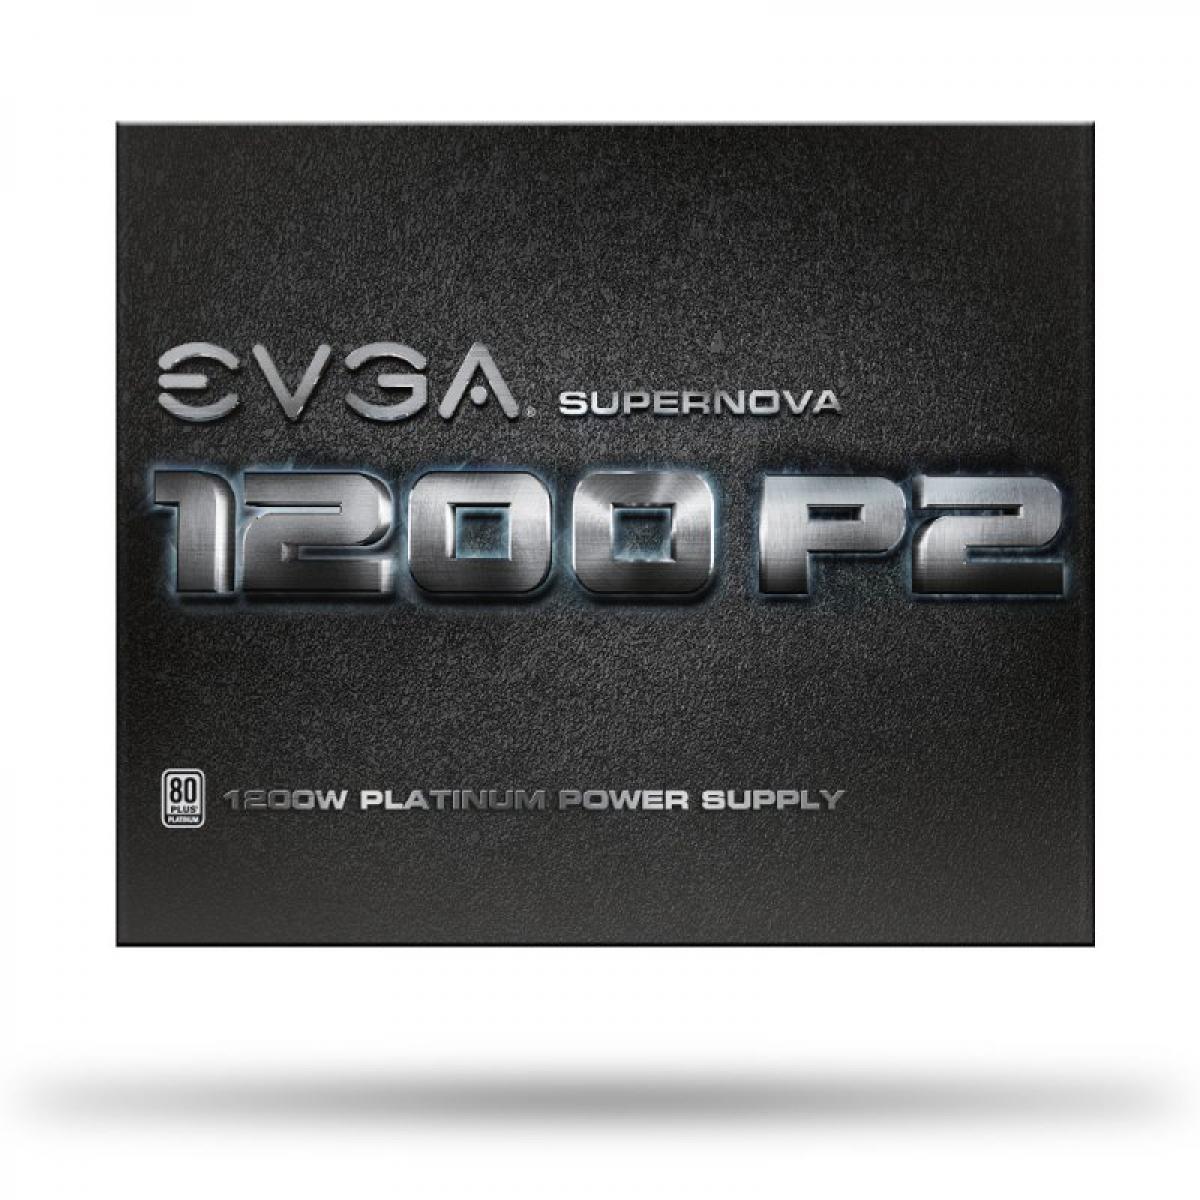 Fonte EVGA Supernova 1200 P2 1200W, 80 Plus Platinum, PFC Ativo, Full Modular, 220-P2-1200-X0